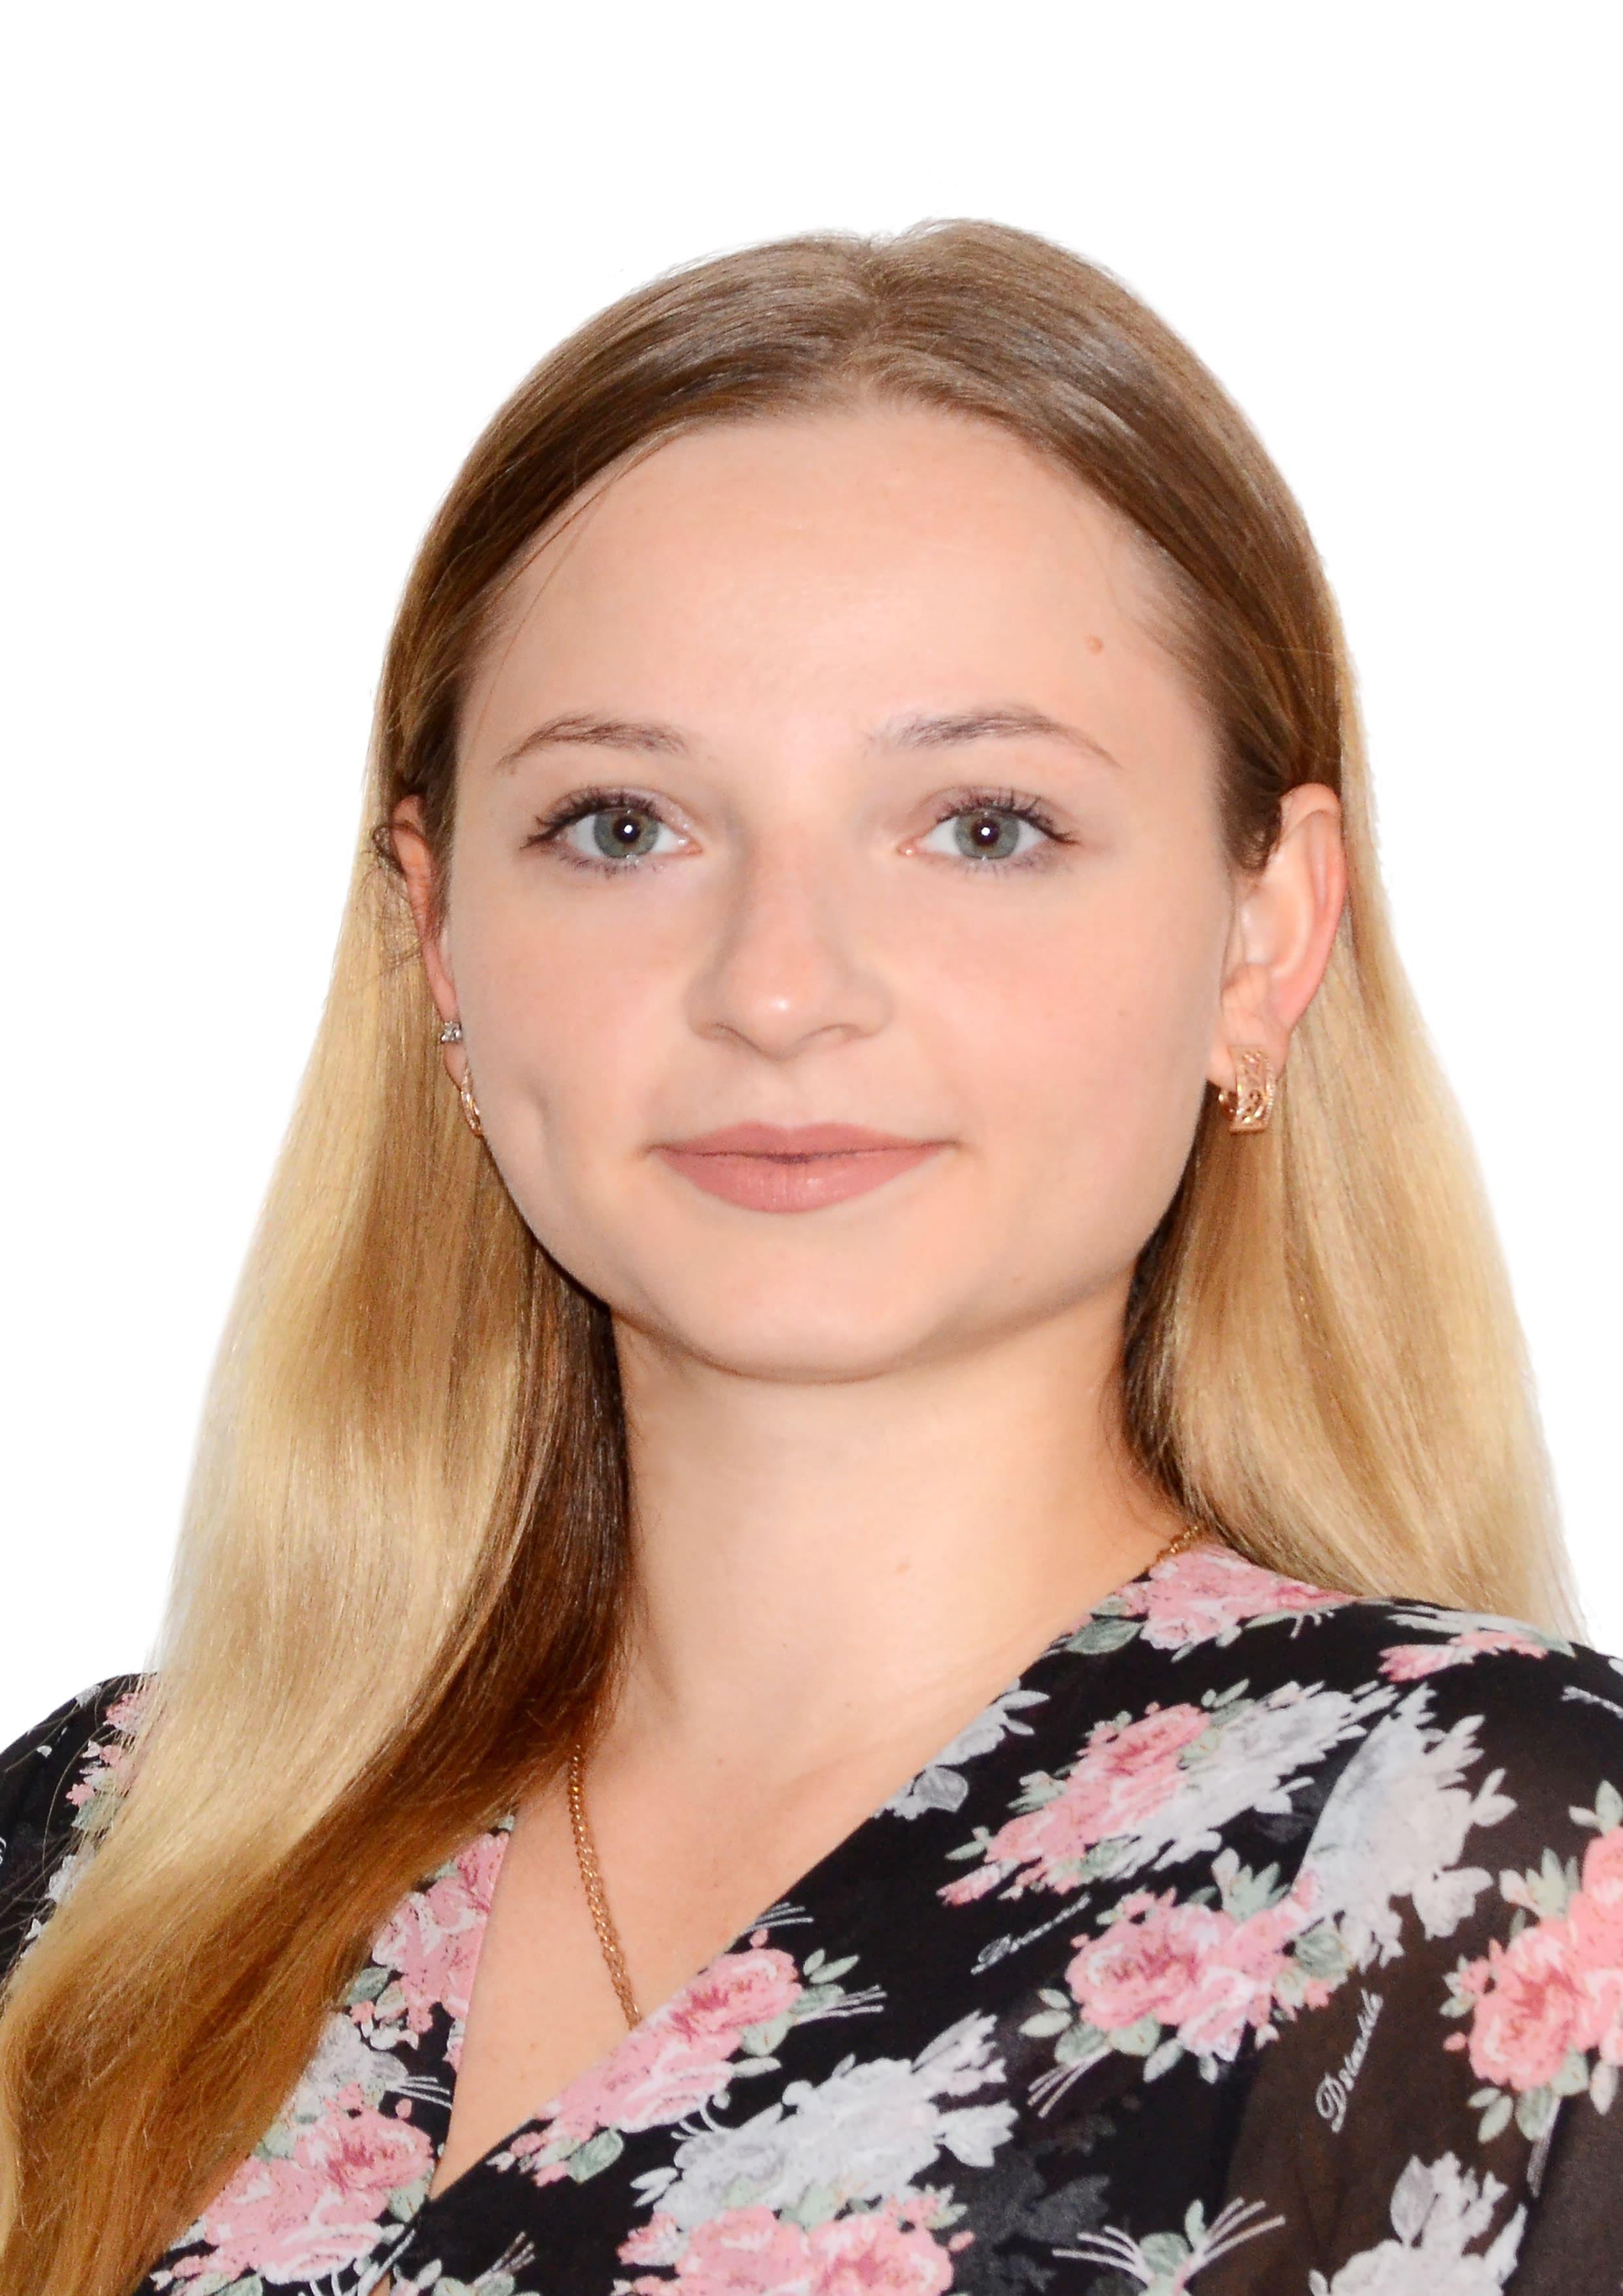 Колонюк Каріна Олександрівна